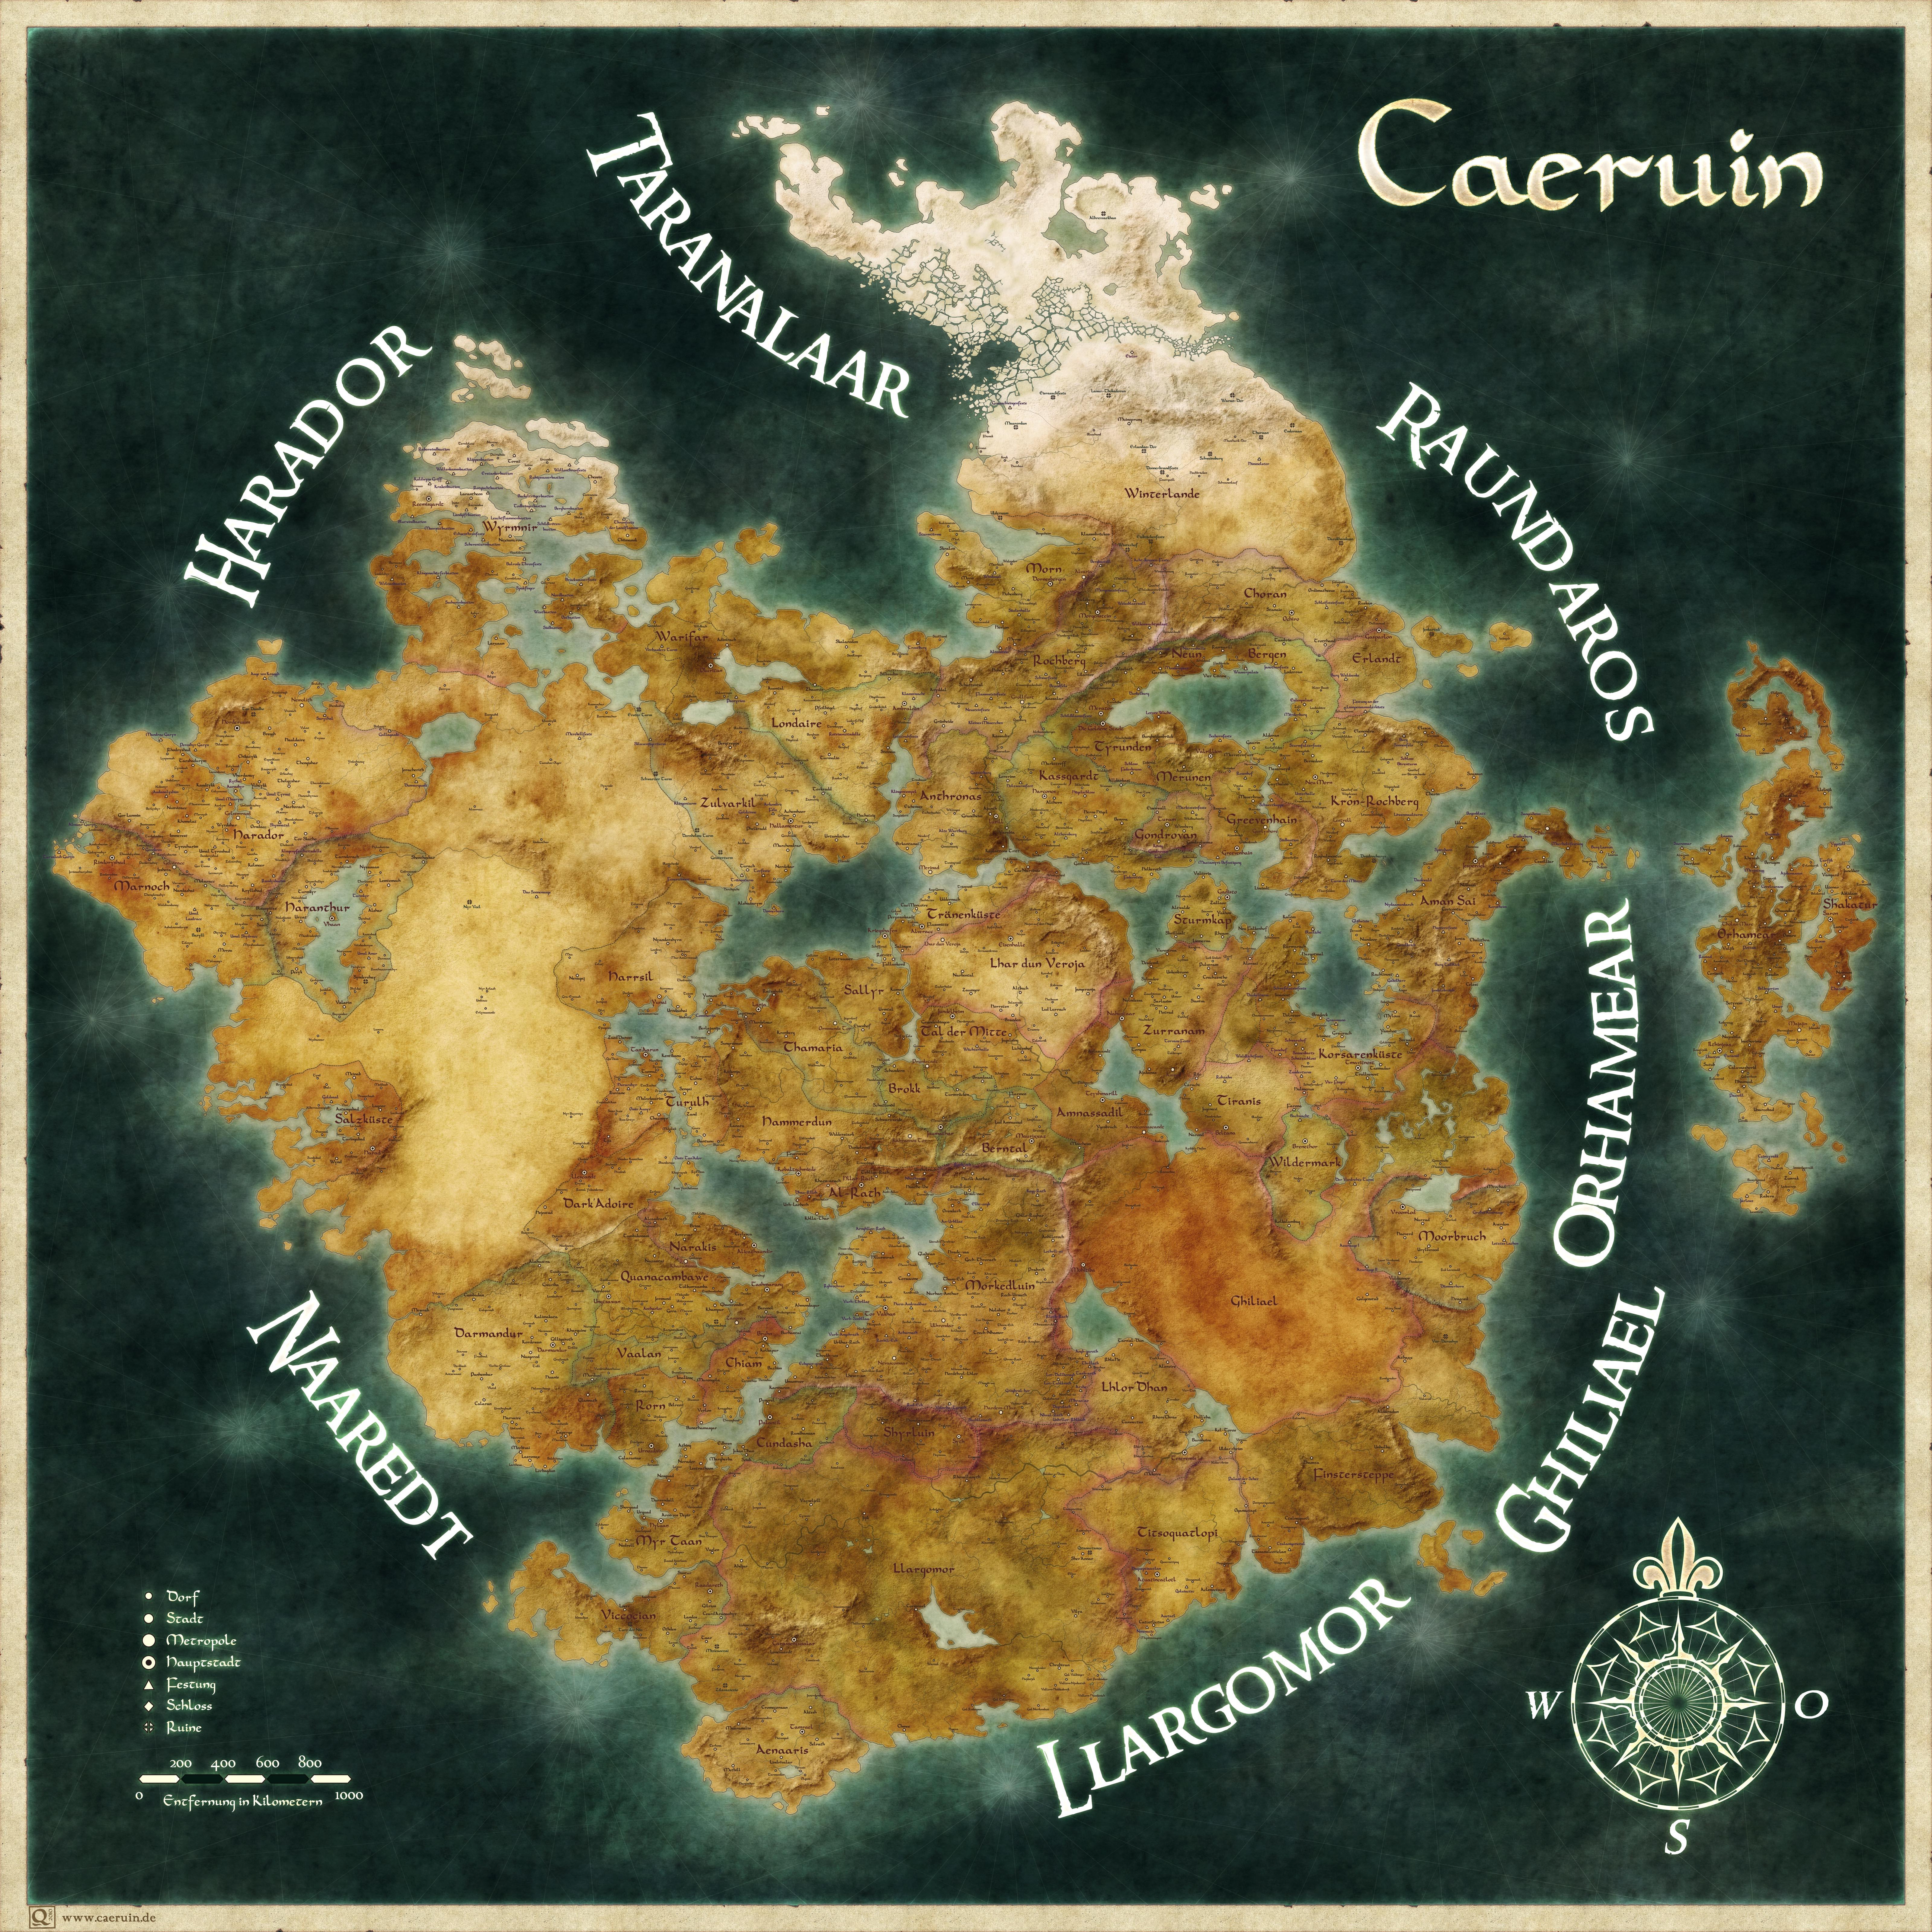 Worldmap of Caeruin 6 by Quabbe